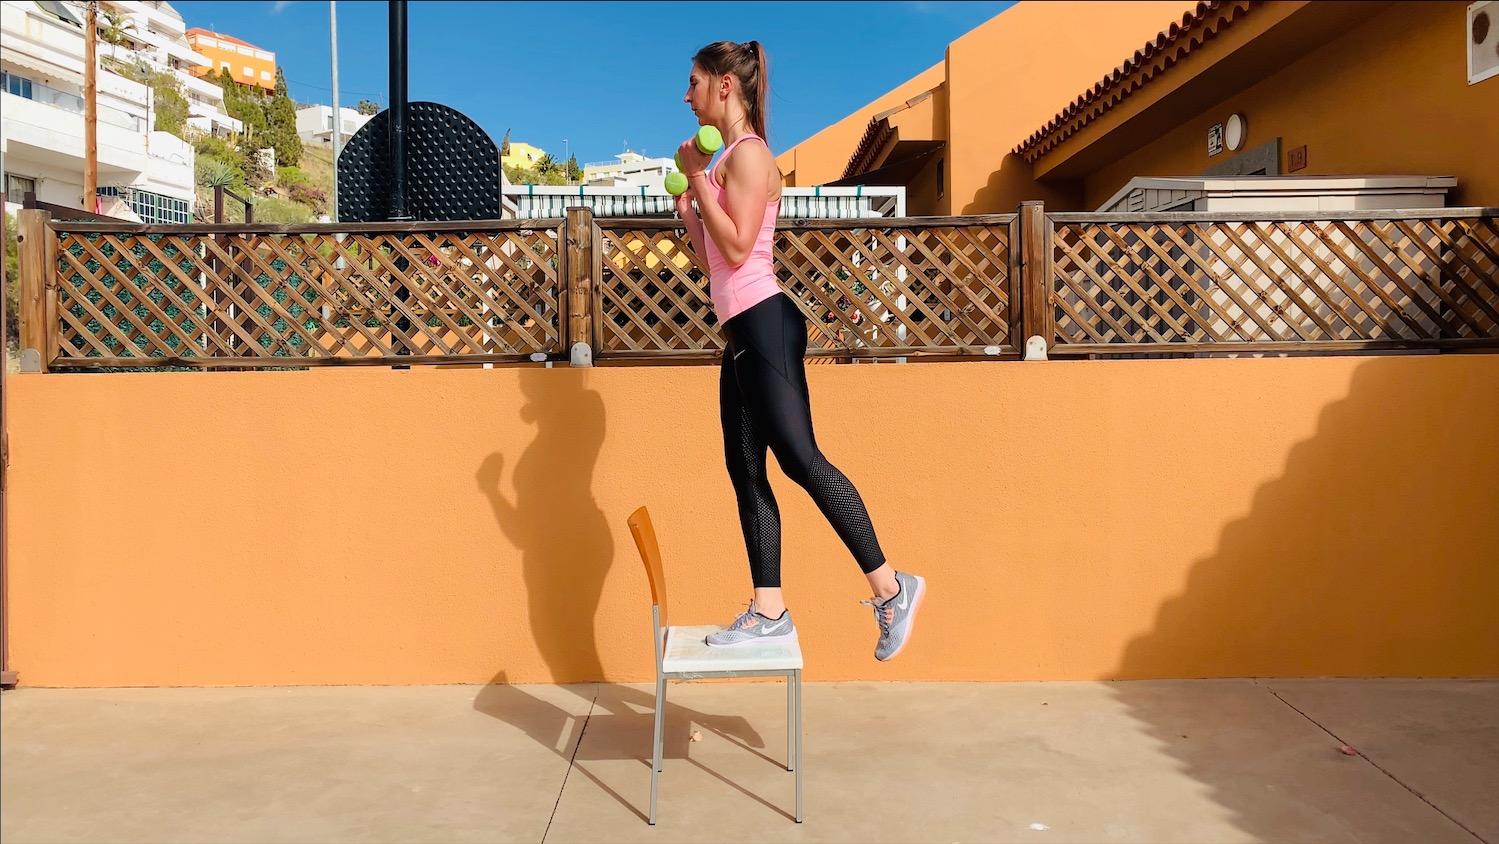 Упражнение Зашагивания на стул со сгибанием рук с гантелями